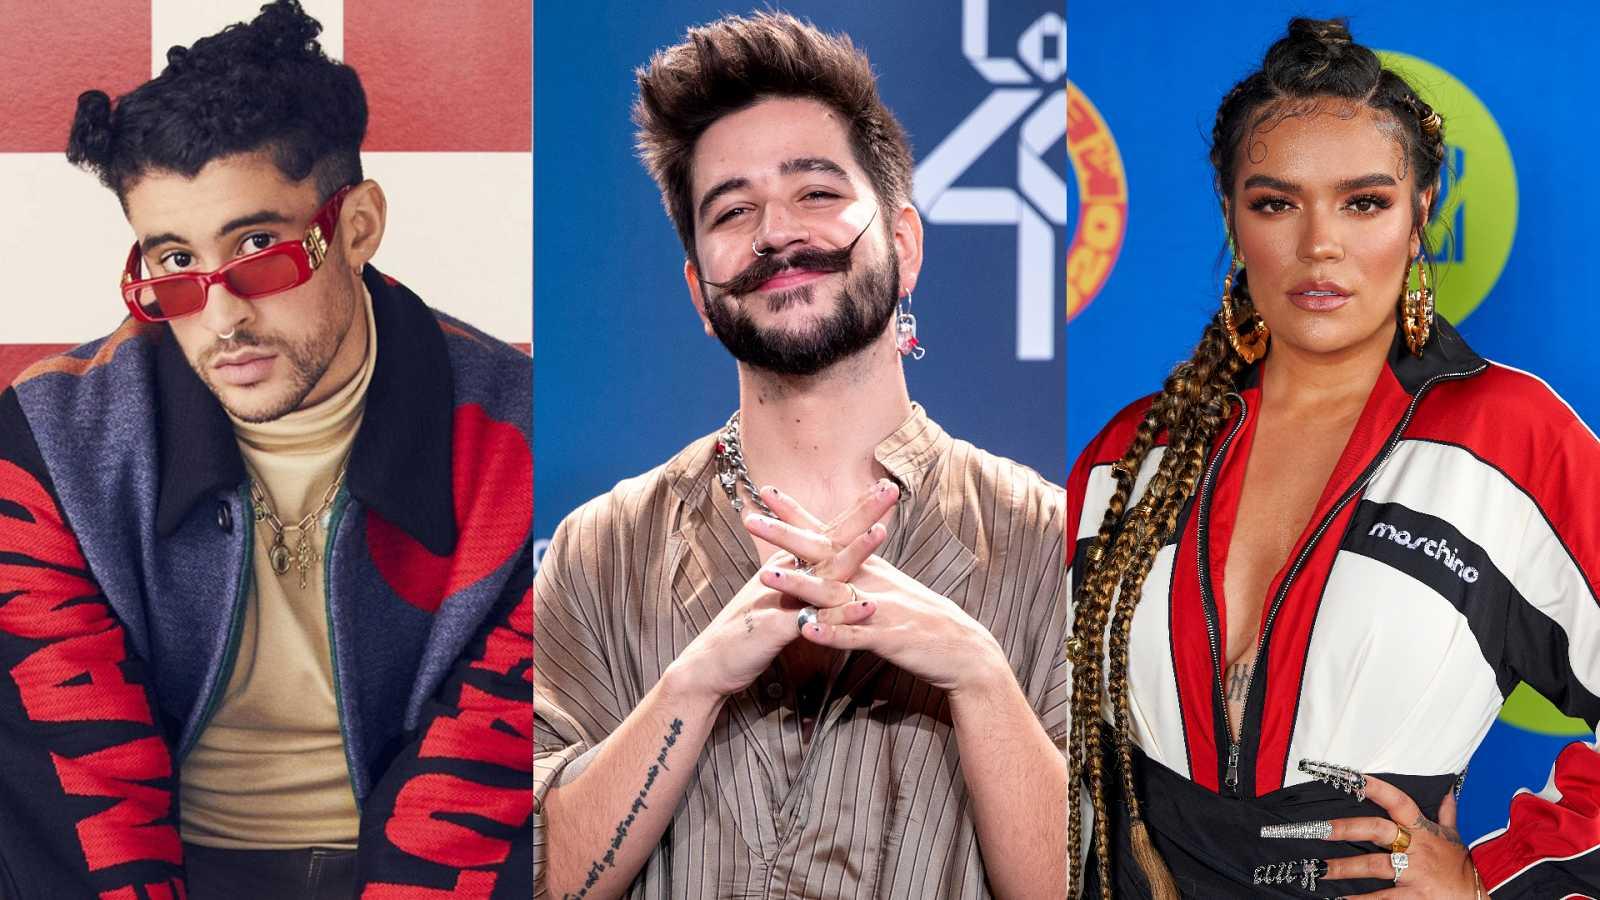 Bad Bunny, Rosalía, Camilo y Karol G triunfadores de los premios Lo Nuestro